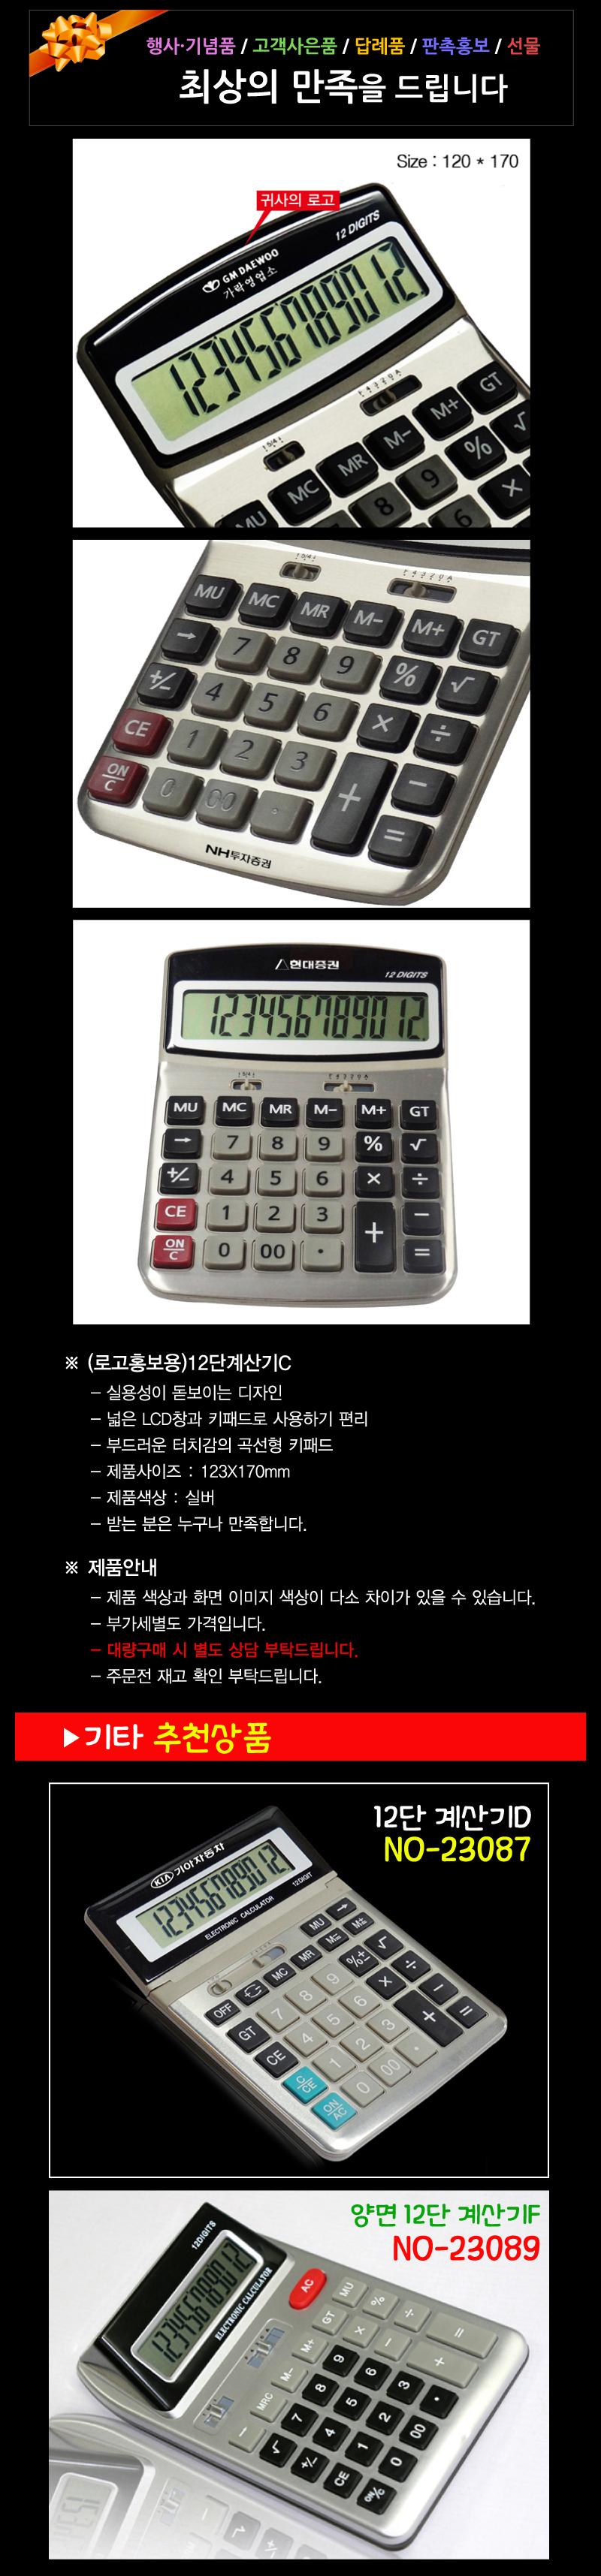 ac424553996eede4cf8f4b87fbc08ec9_1548815